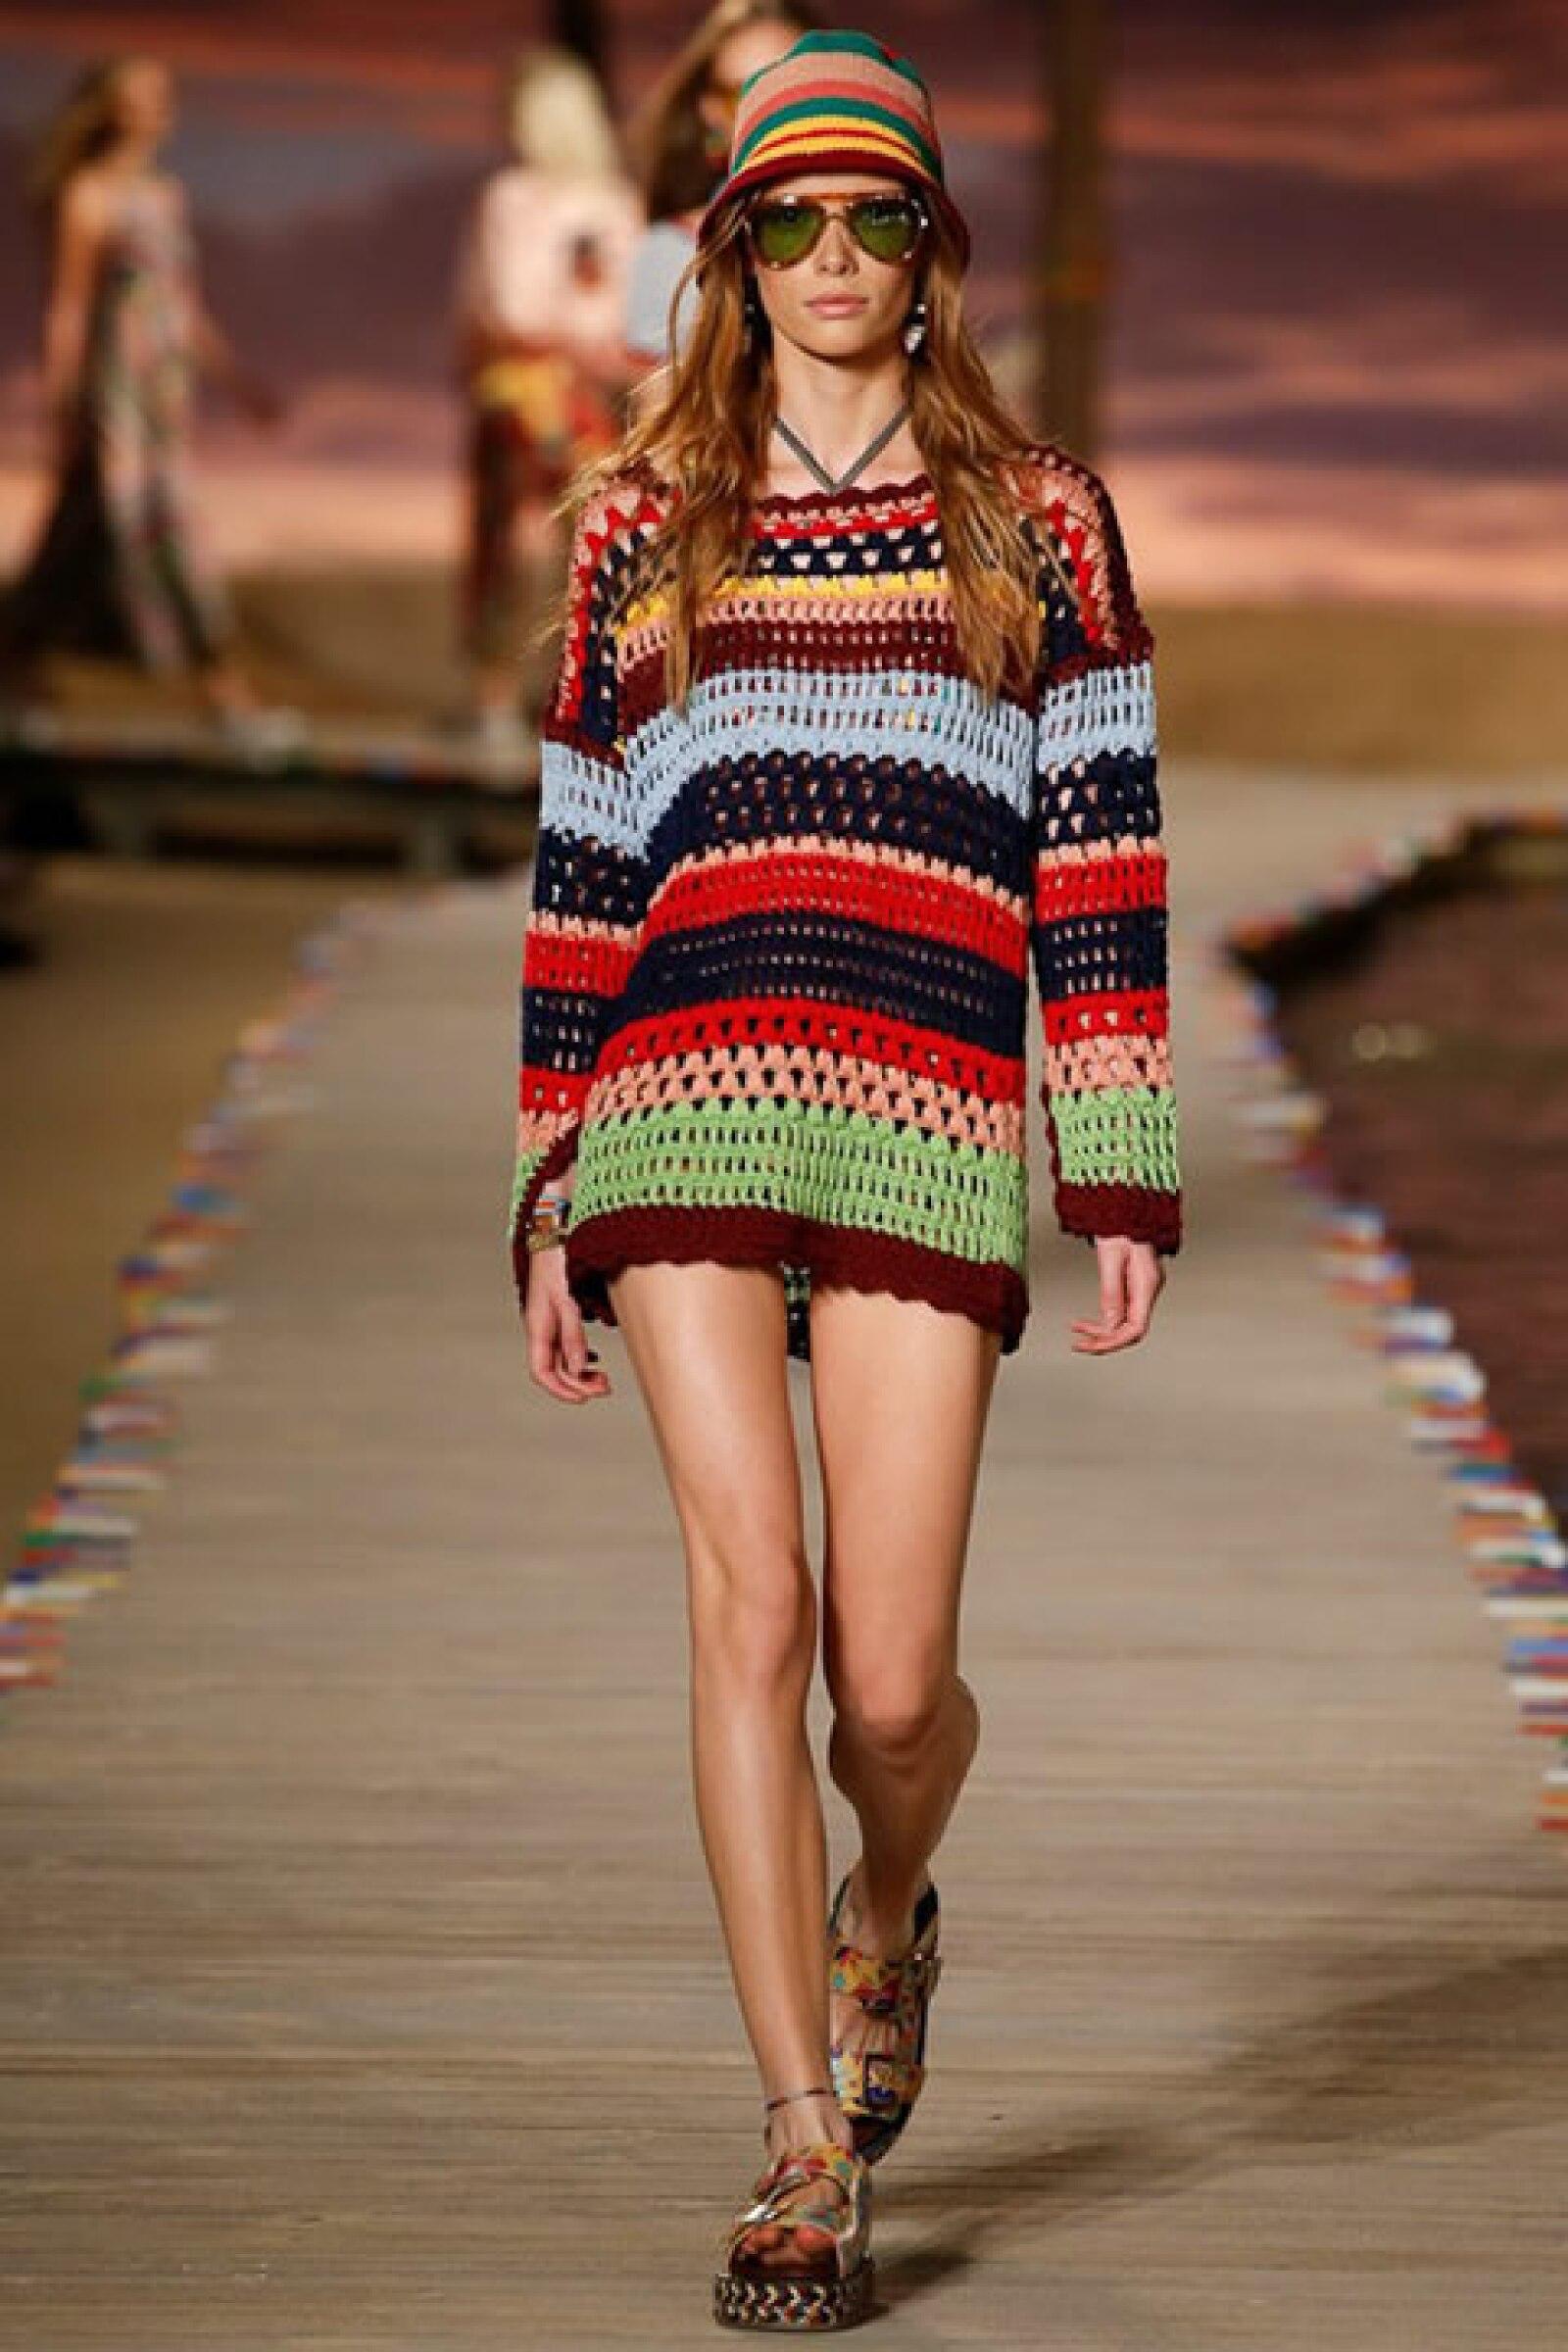 Suéter rayado de crochet, monokini de print tropical y sandalias.